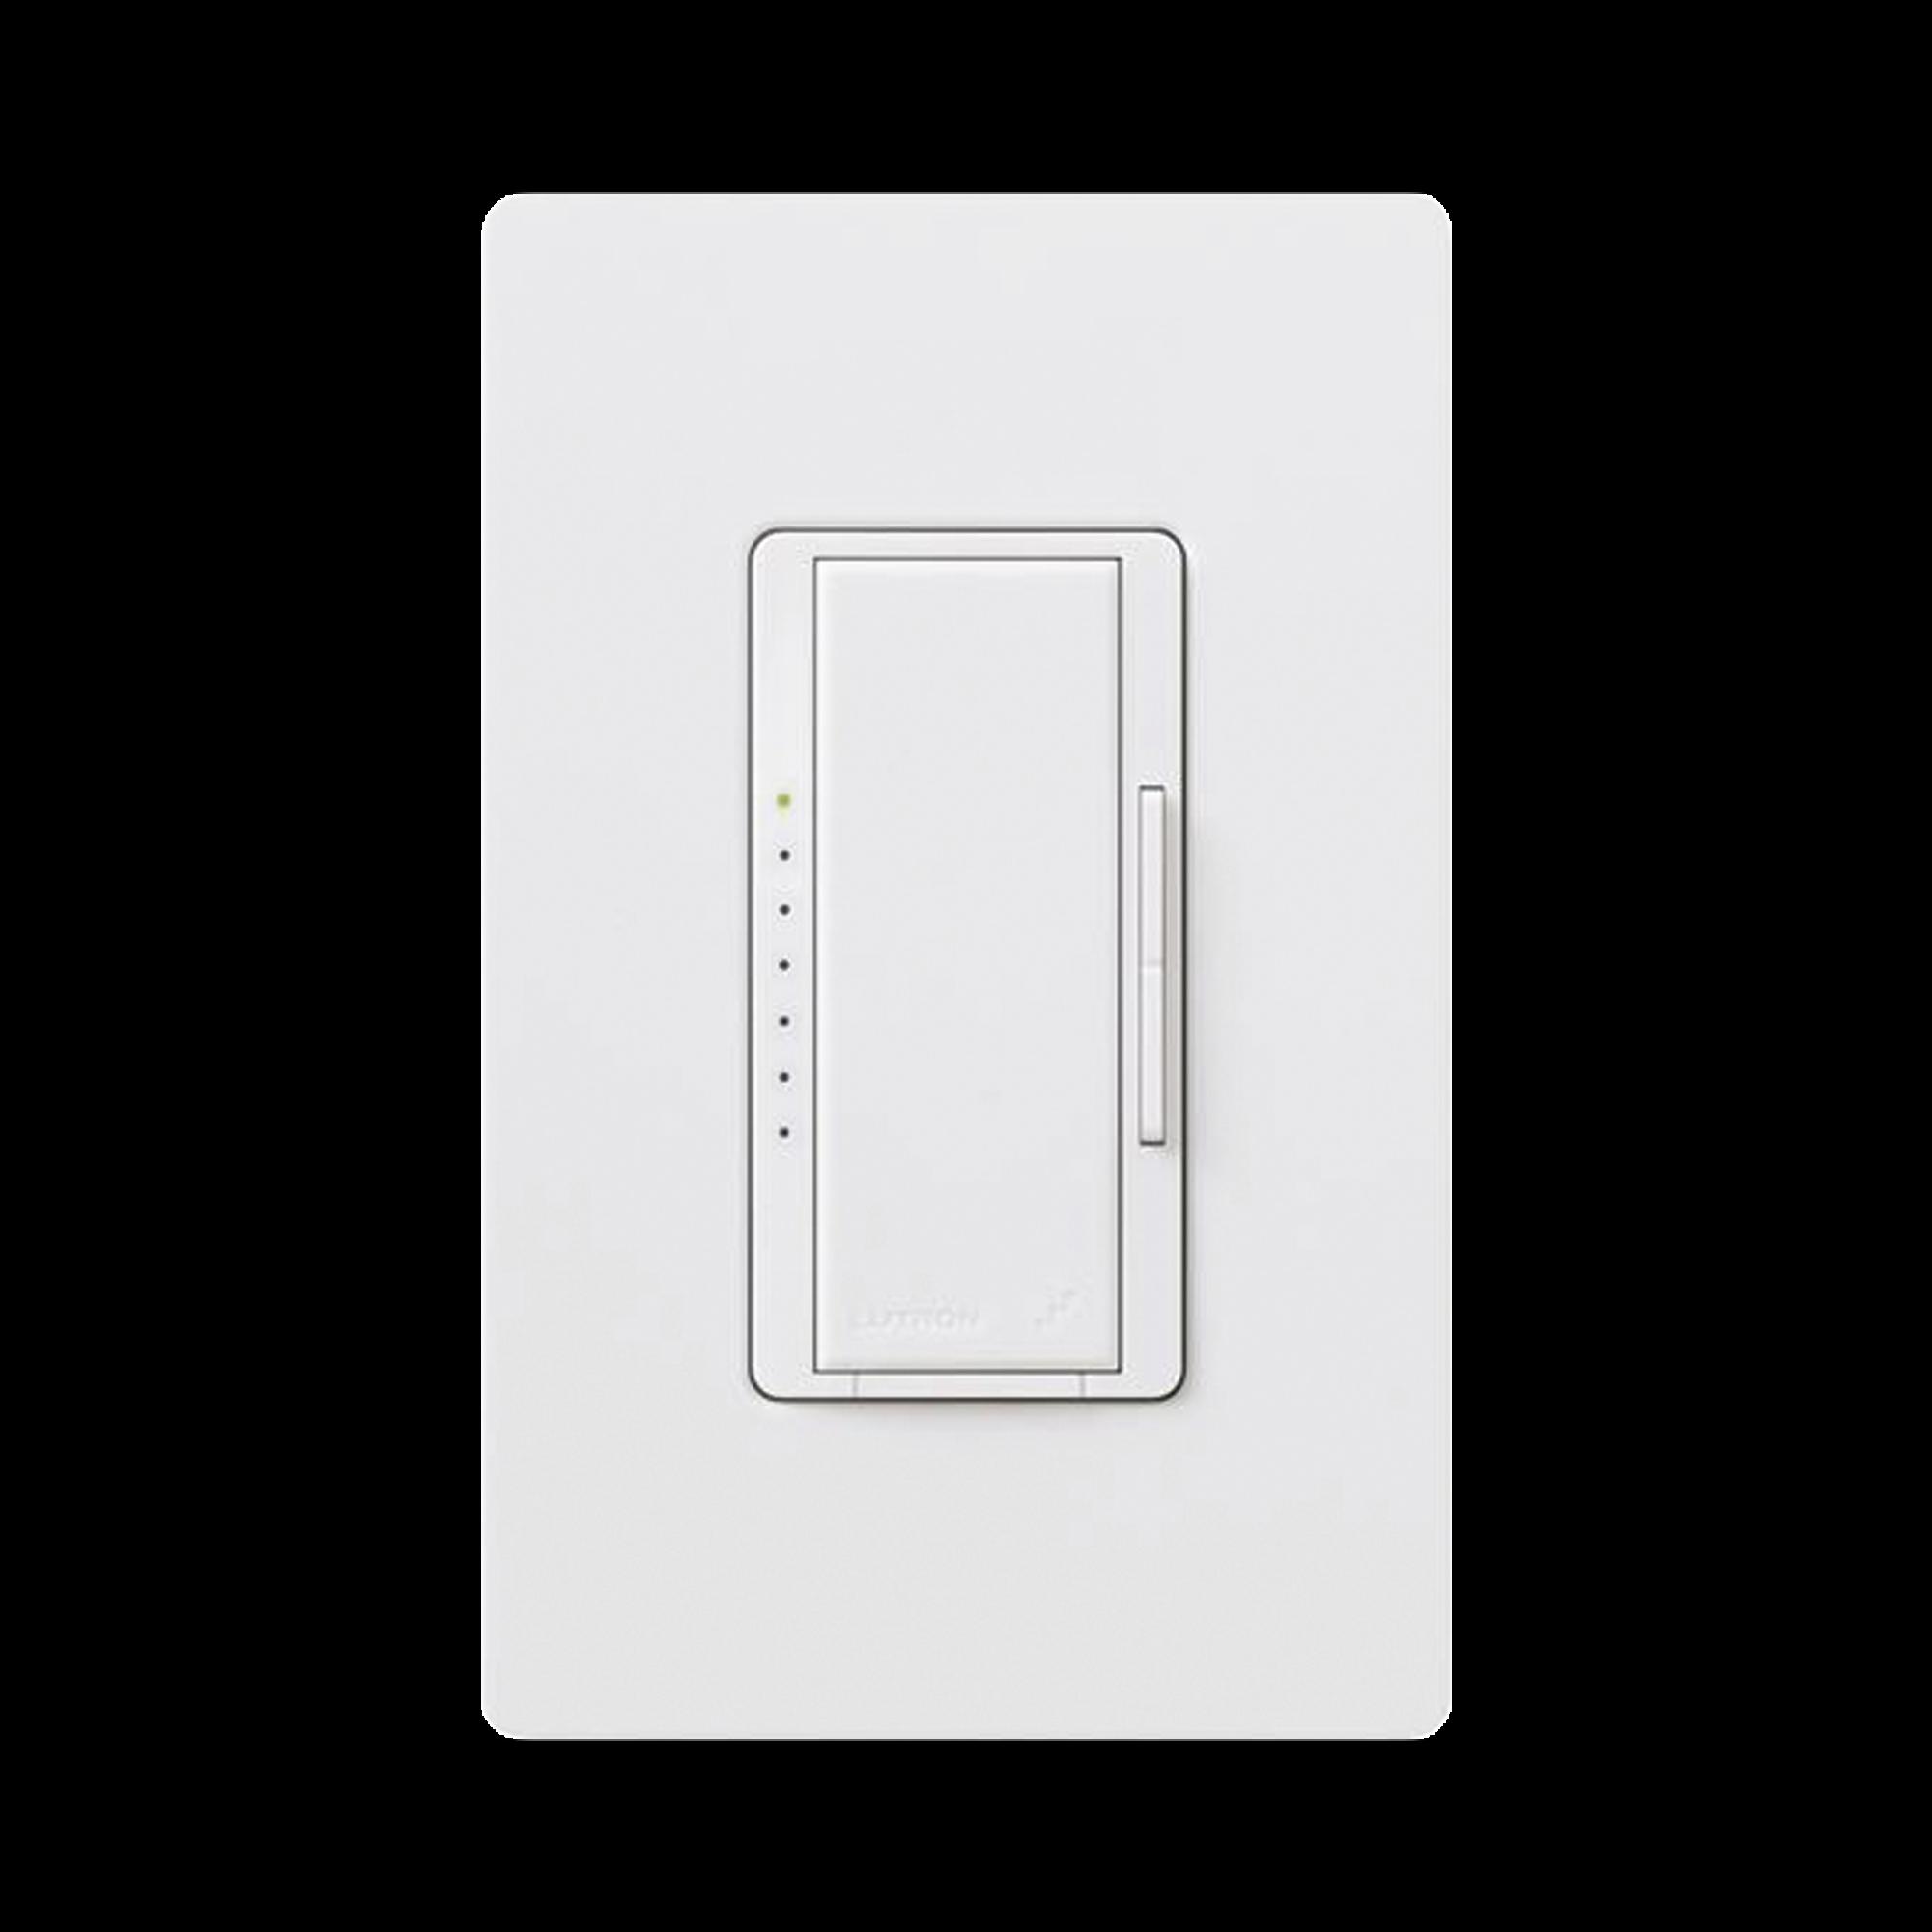 Atenuador Dimmer PRO para linea RadioRa2 y RA2 Select, el cable neutro es opcional 250W LED / CFL